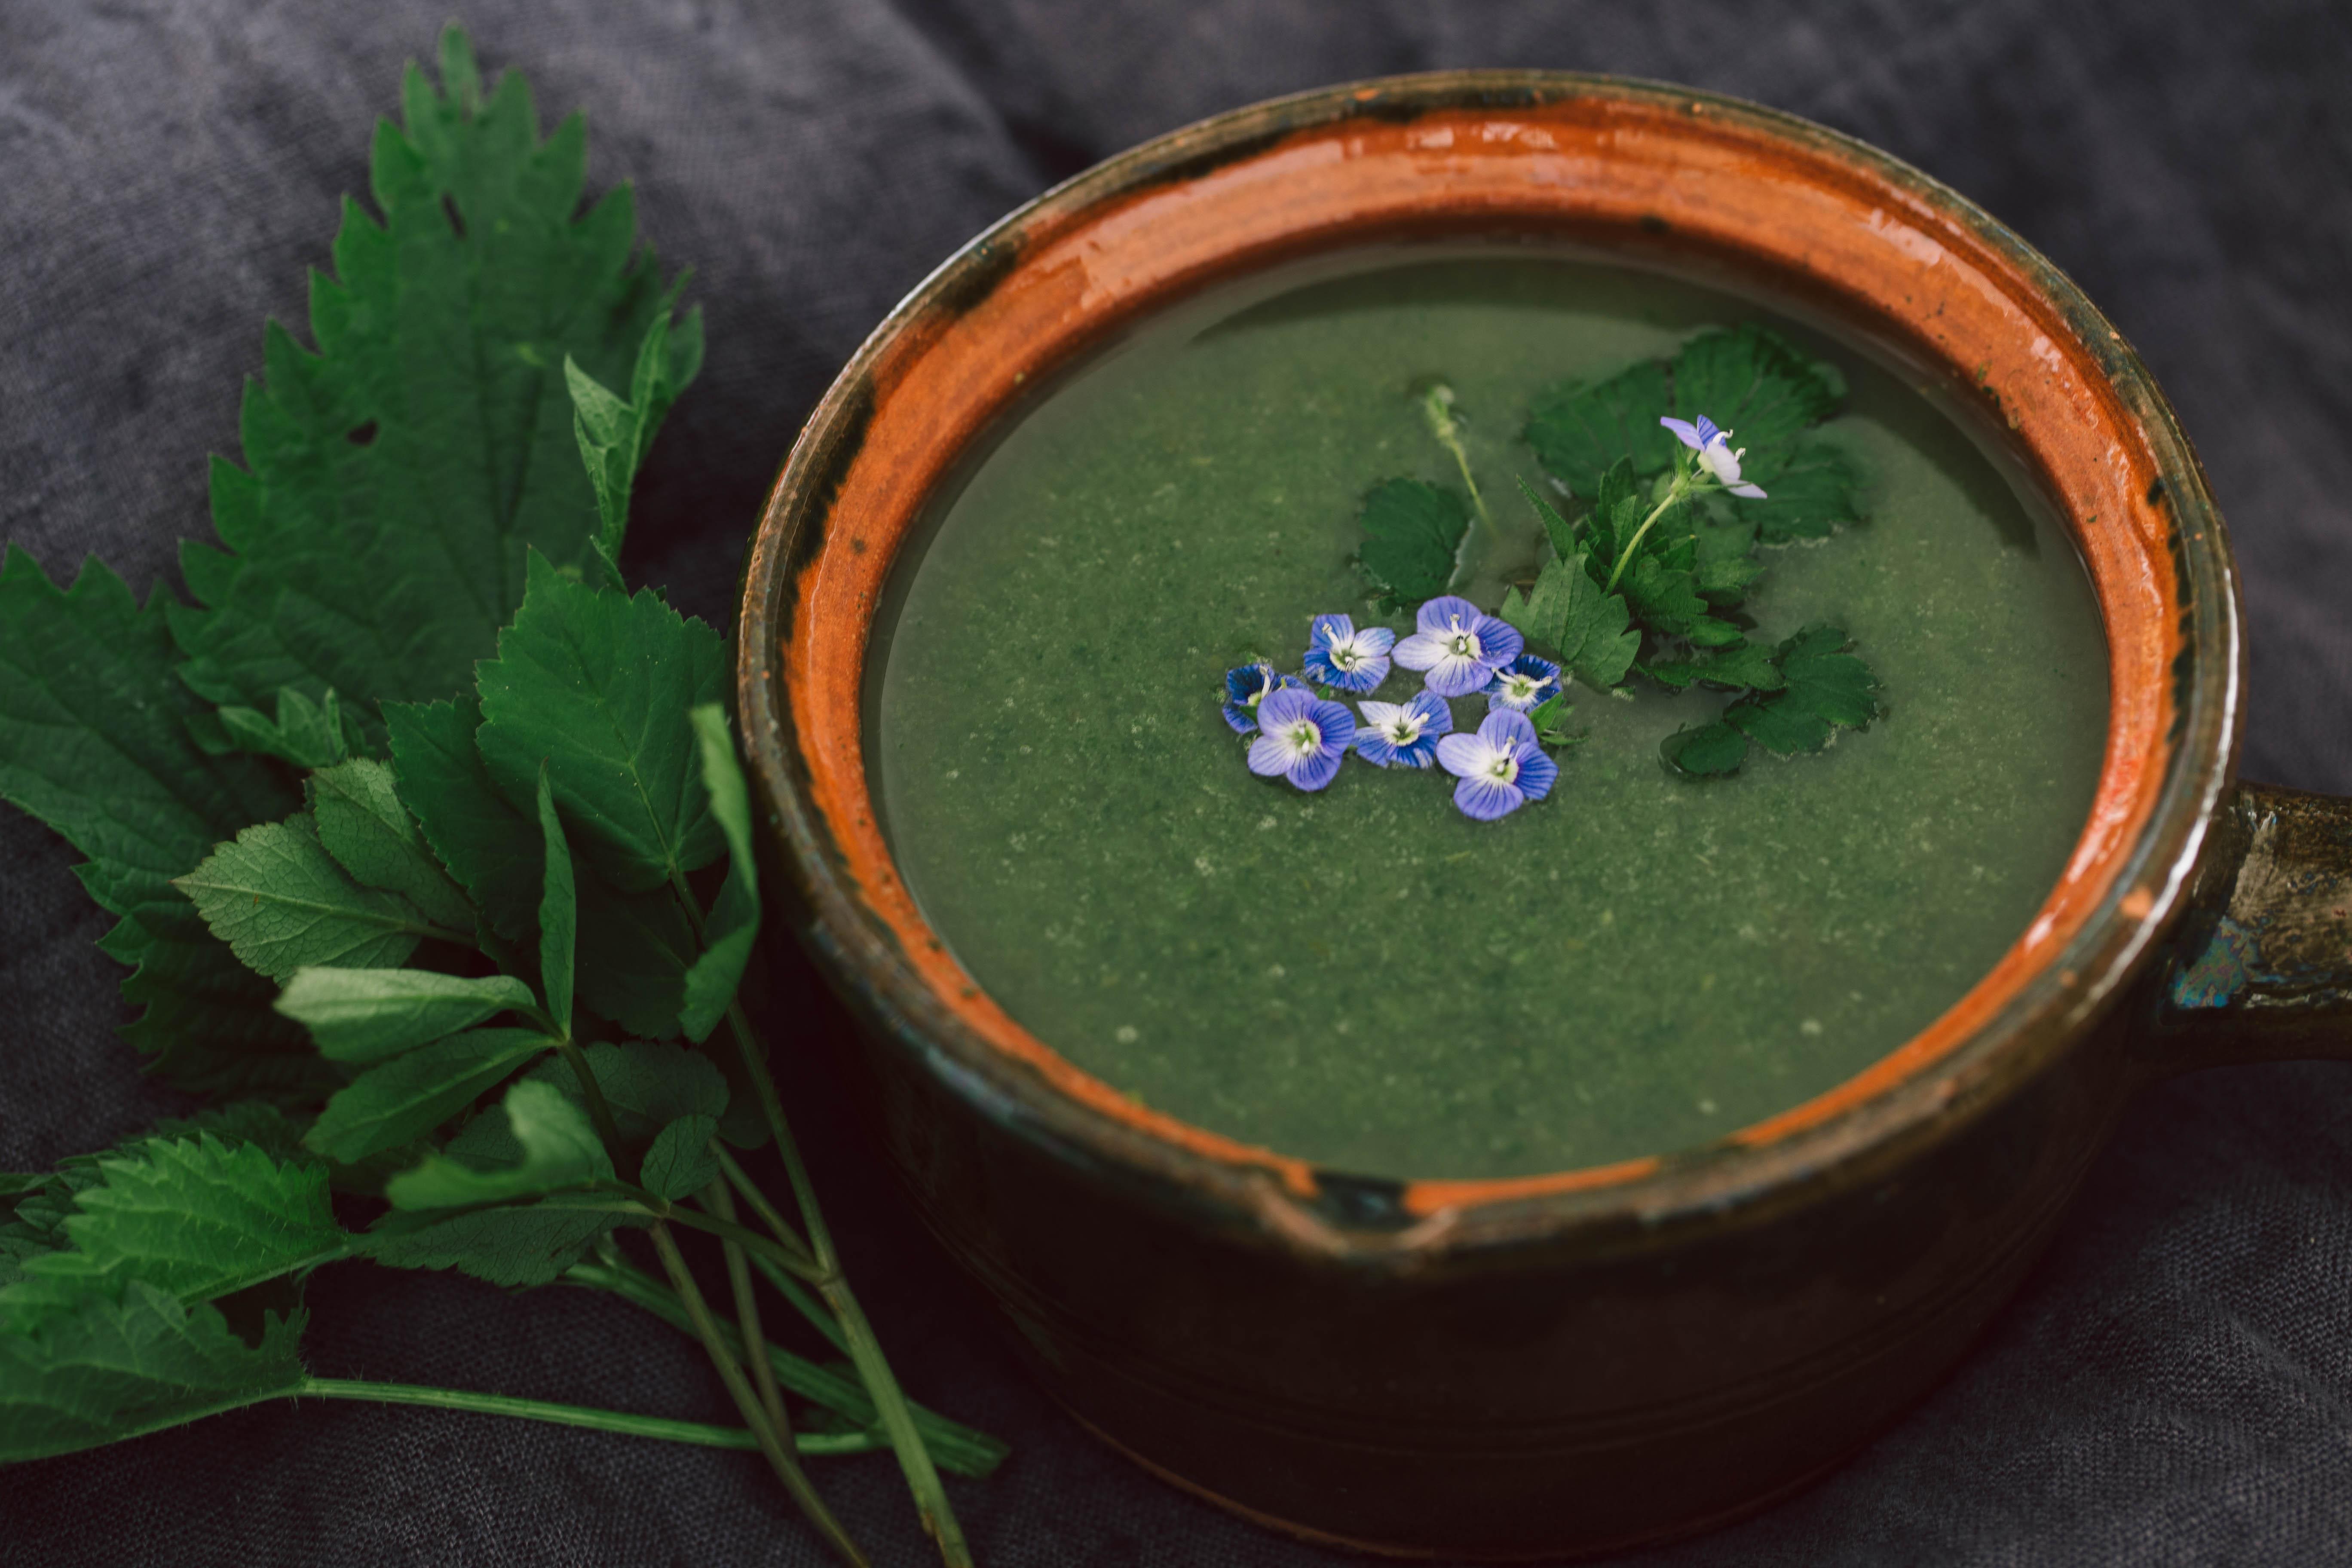 Neunkräutersuppe Gründonnerstagssuppe einfaches Rezept